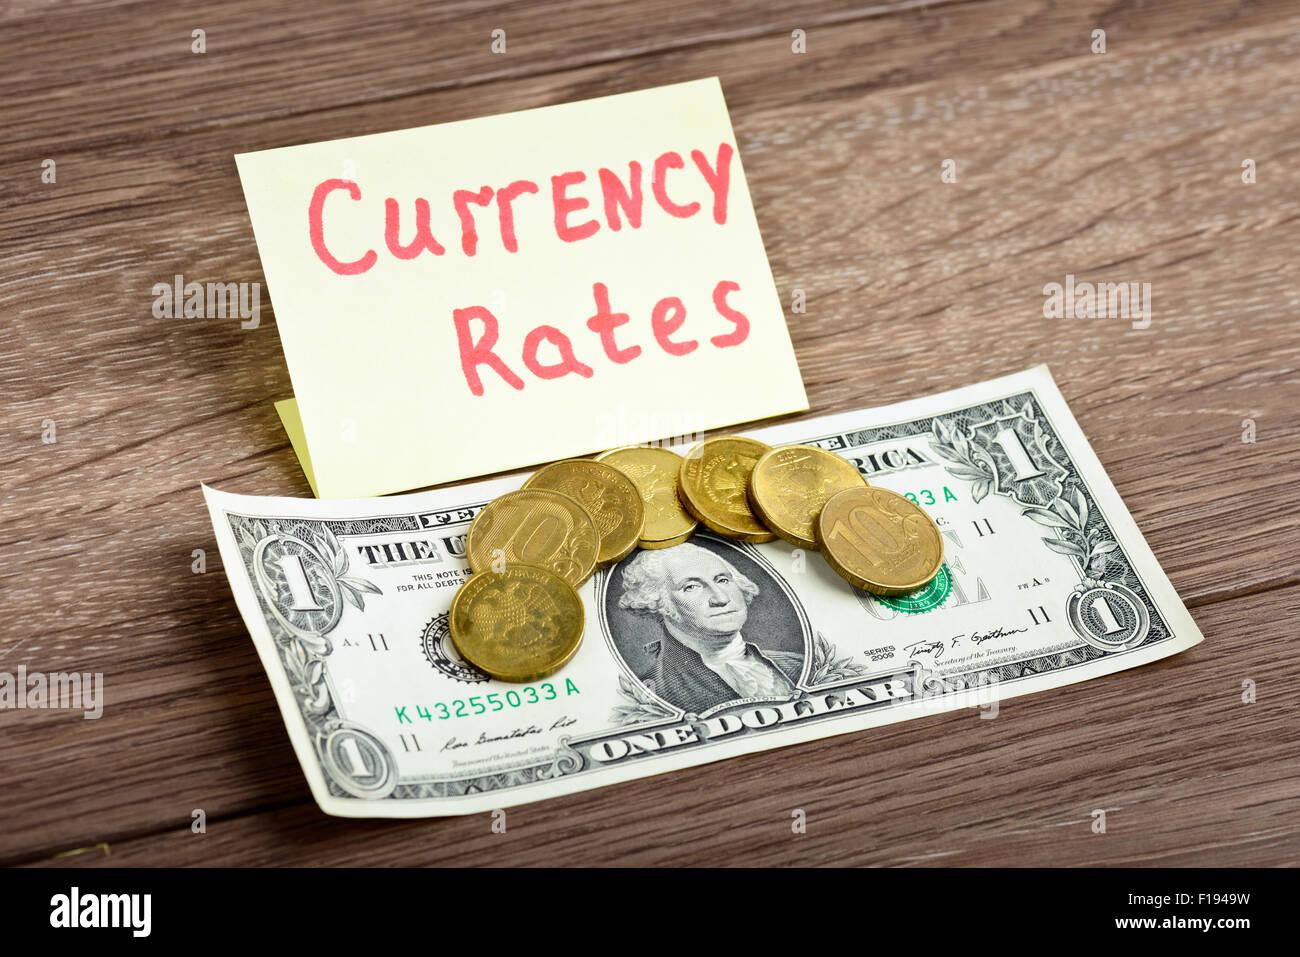 Währungswechselkurse. Jetzt 70 russischer Rubel pro 1 US-dollar Stockbild